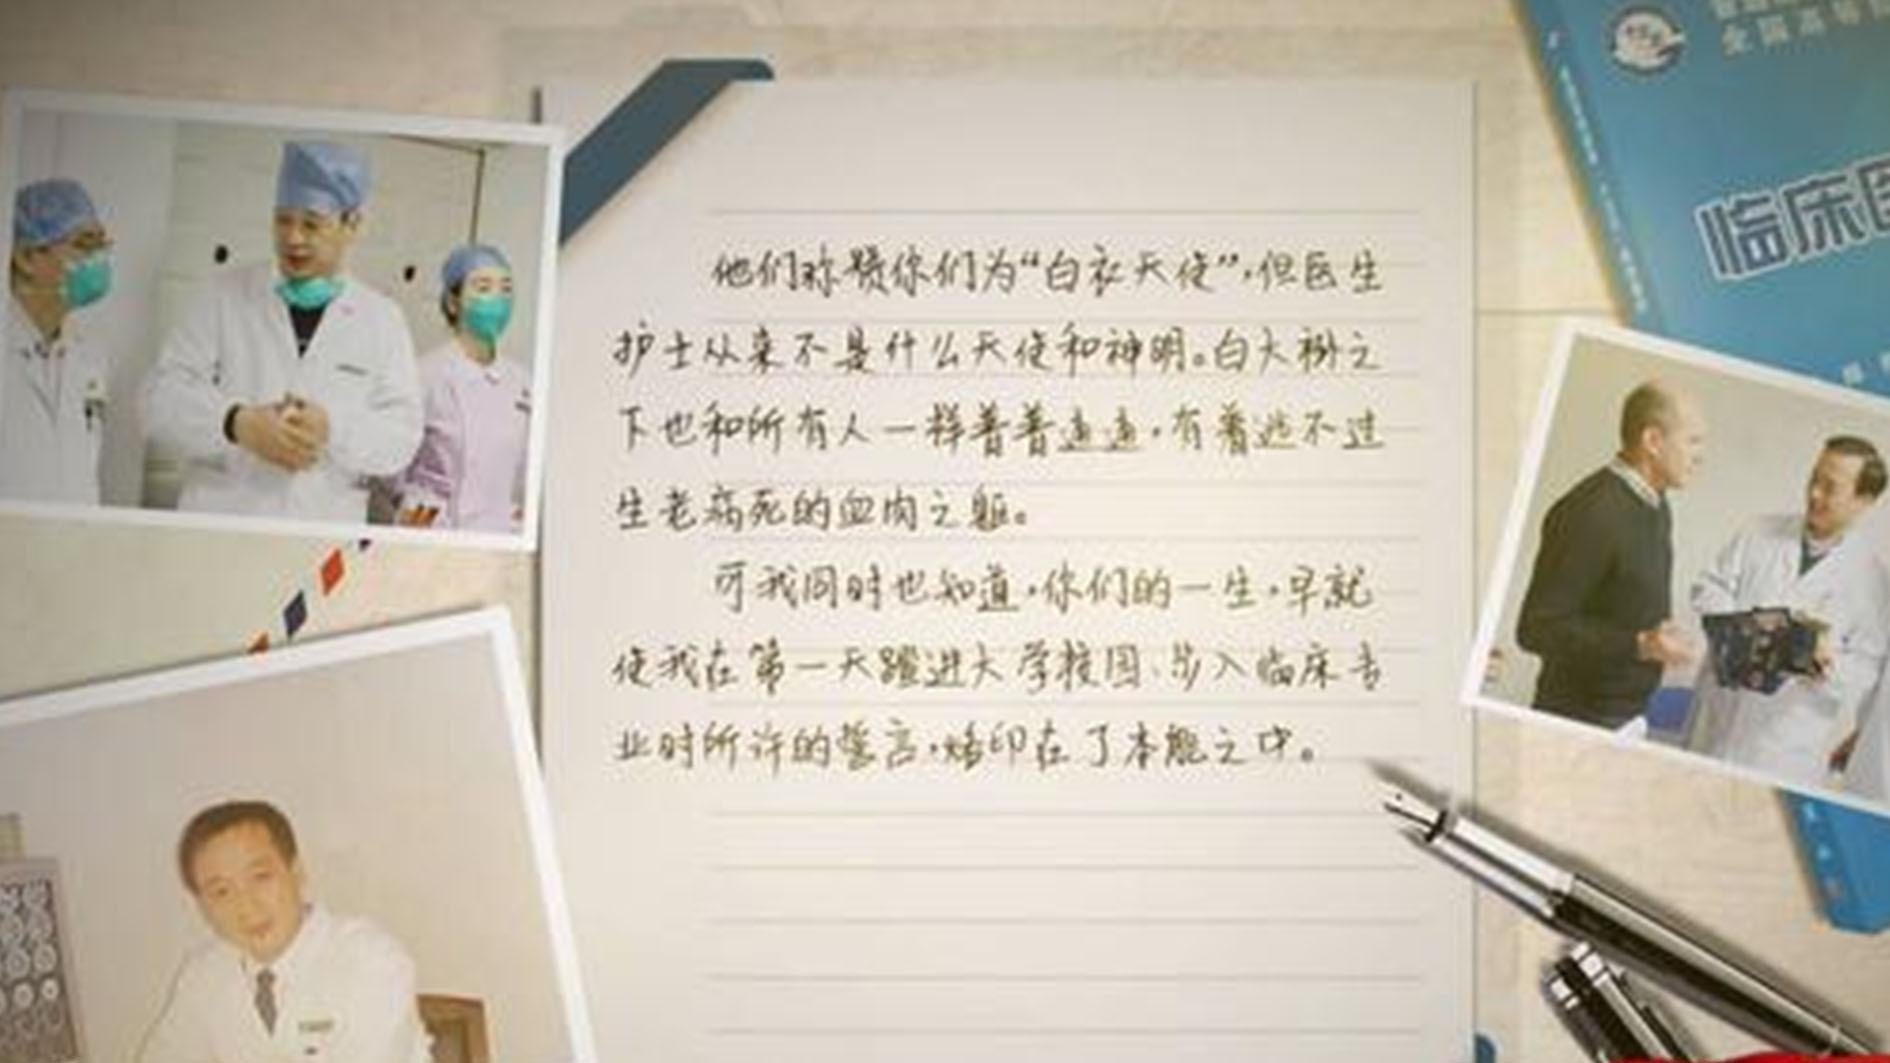 武昌医院院长刘智明去世,女儿写给他的一封未读的家书令人泪目